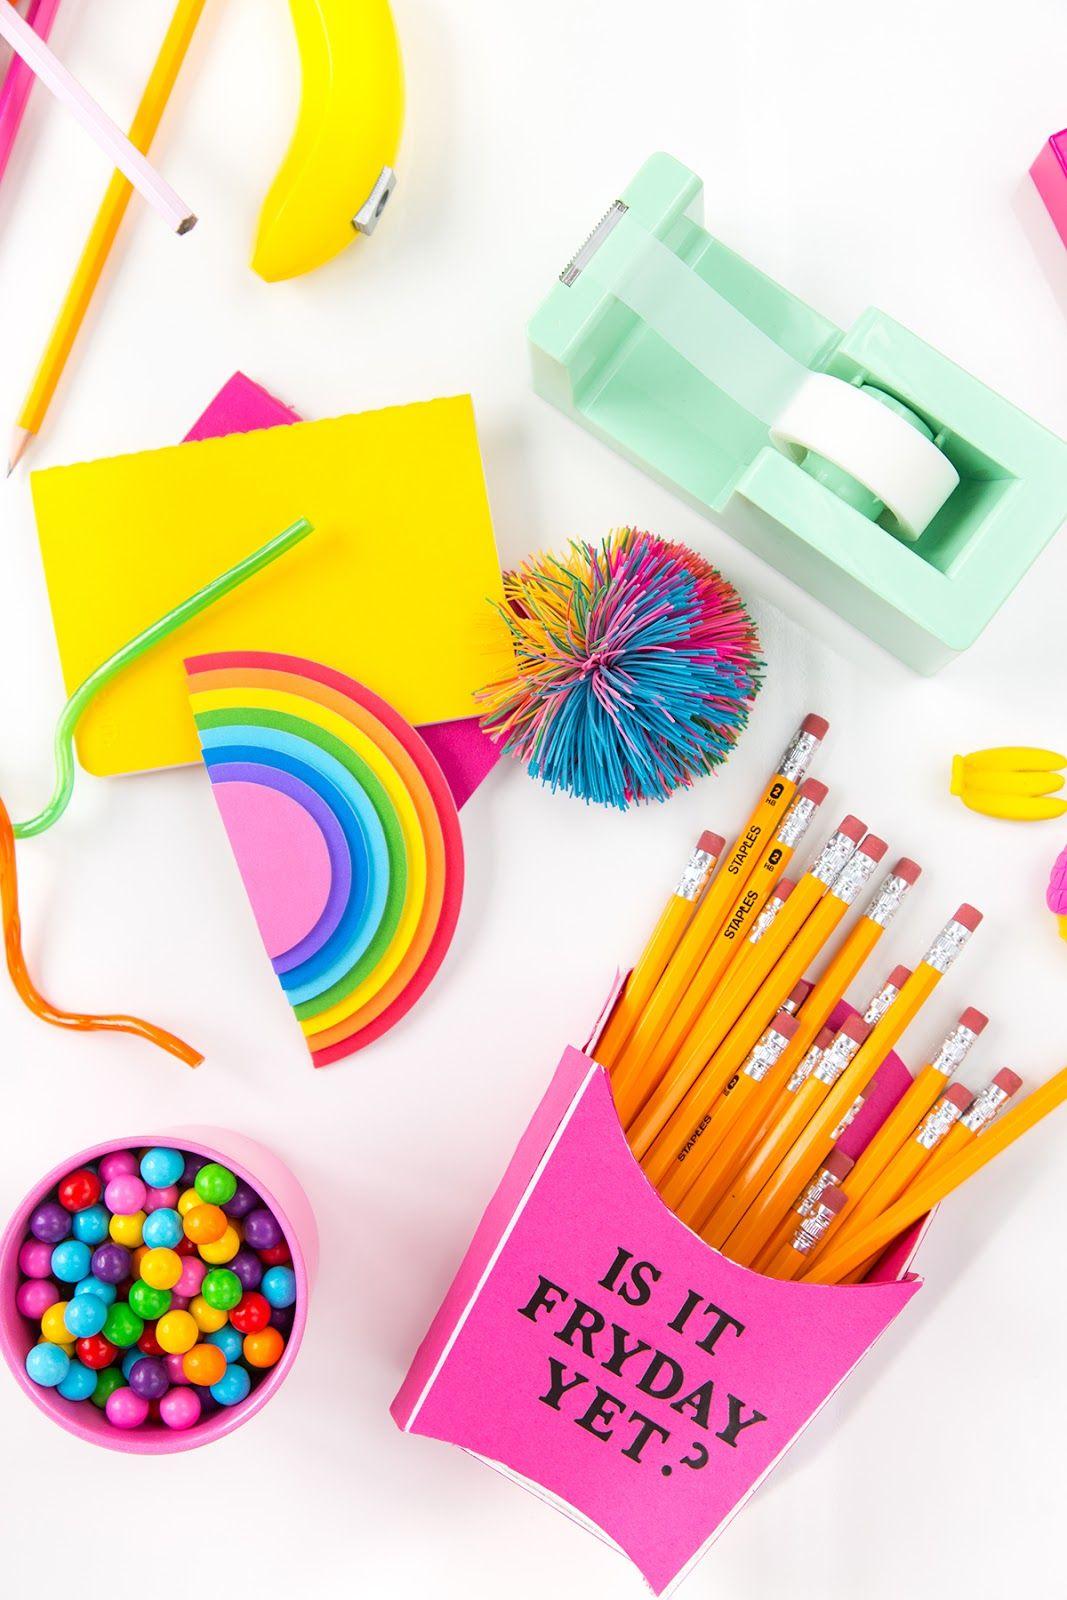 30++ Discount craft supplies australia information